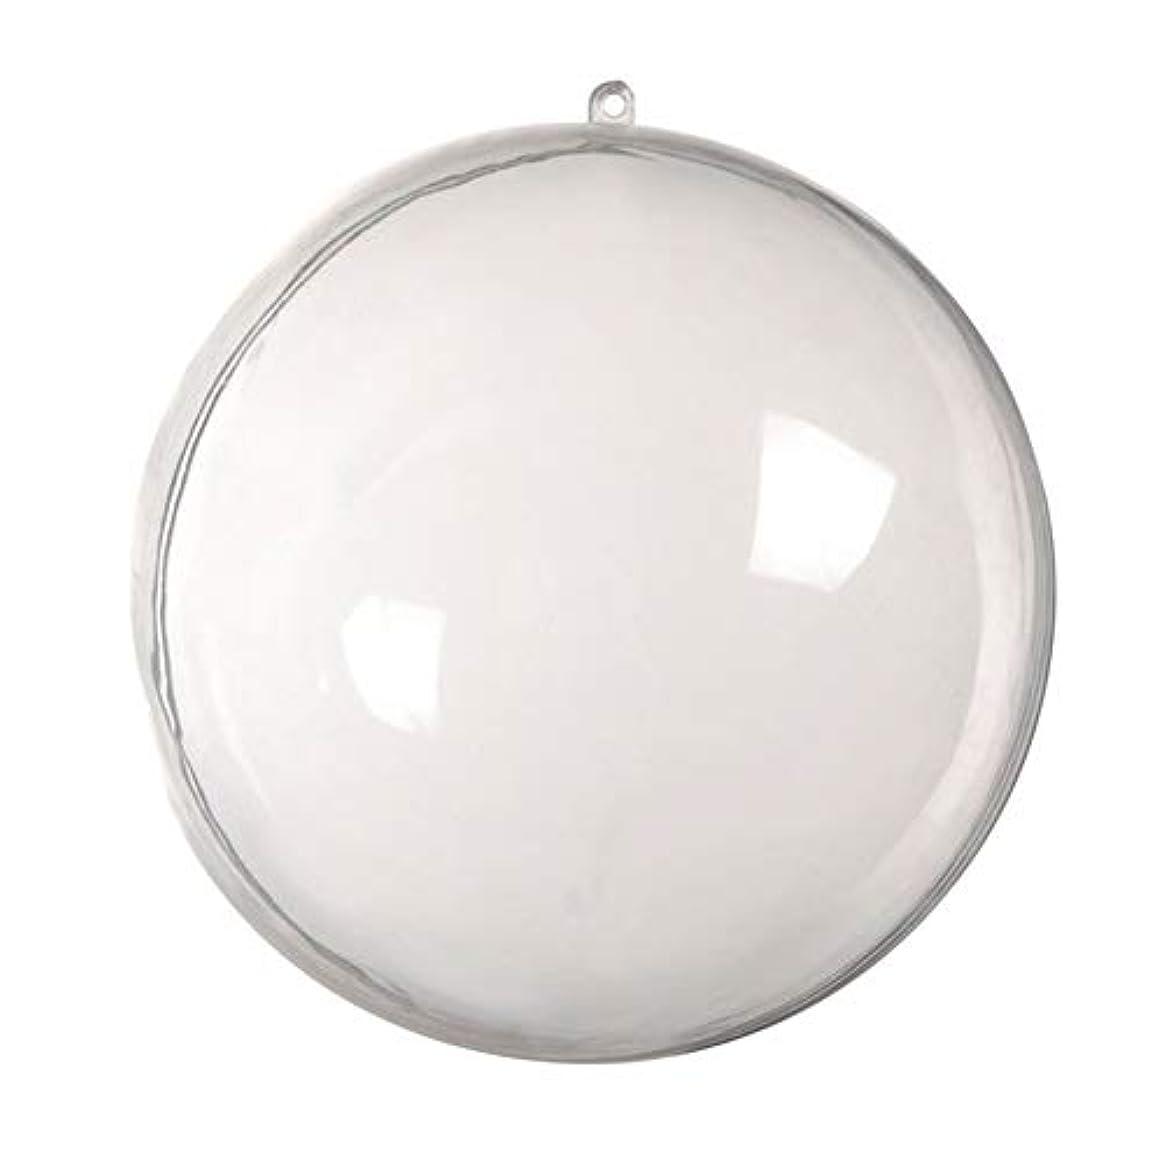 着陸重量紳士アリガドクリアプラスチッククリスマスボール、クリア透明ボール、球充填クリスマスツリー飾りDIYクラフトつまらない飾り(5個)